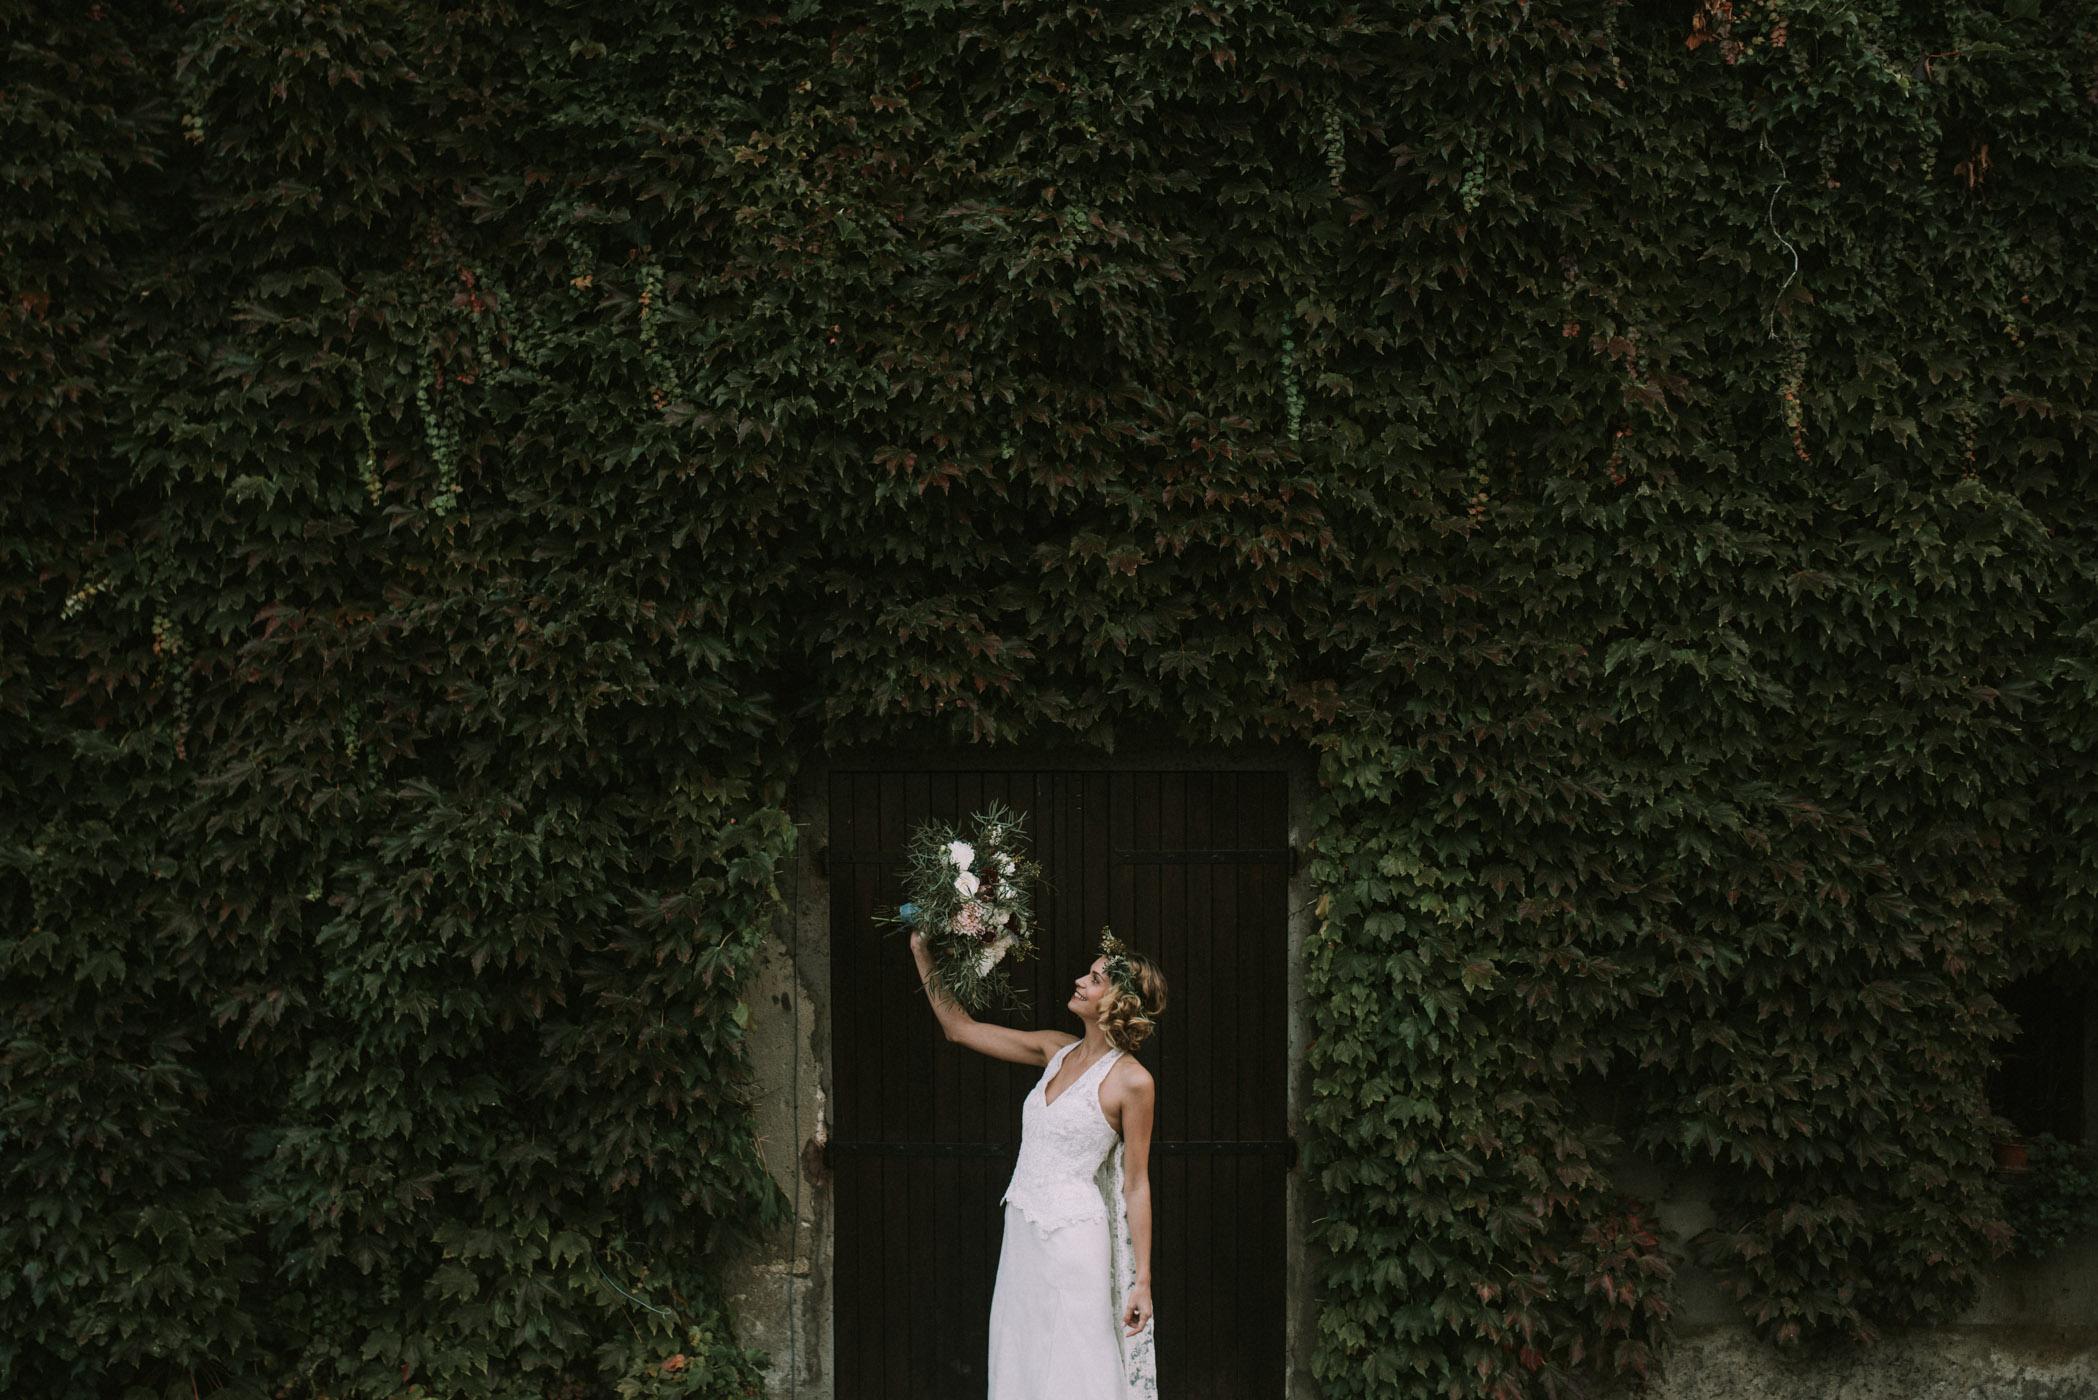 sun-drops-down-shooting-dinspiration-automnal-sous-les-bois-en-dordogne-blog-mariage-la-mariee-sous-les-etoiles-photo-mira-al-pajarito-63